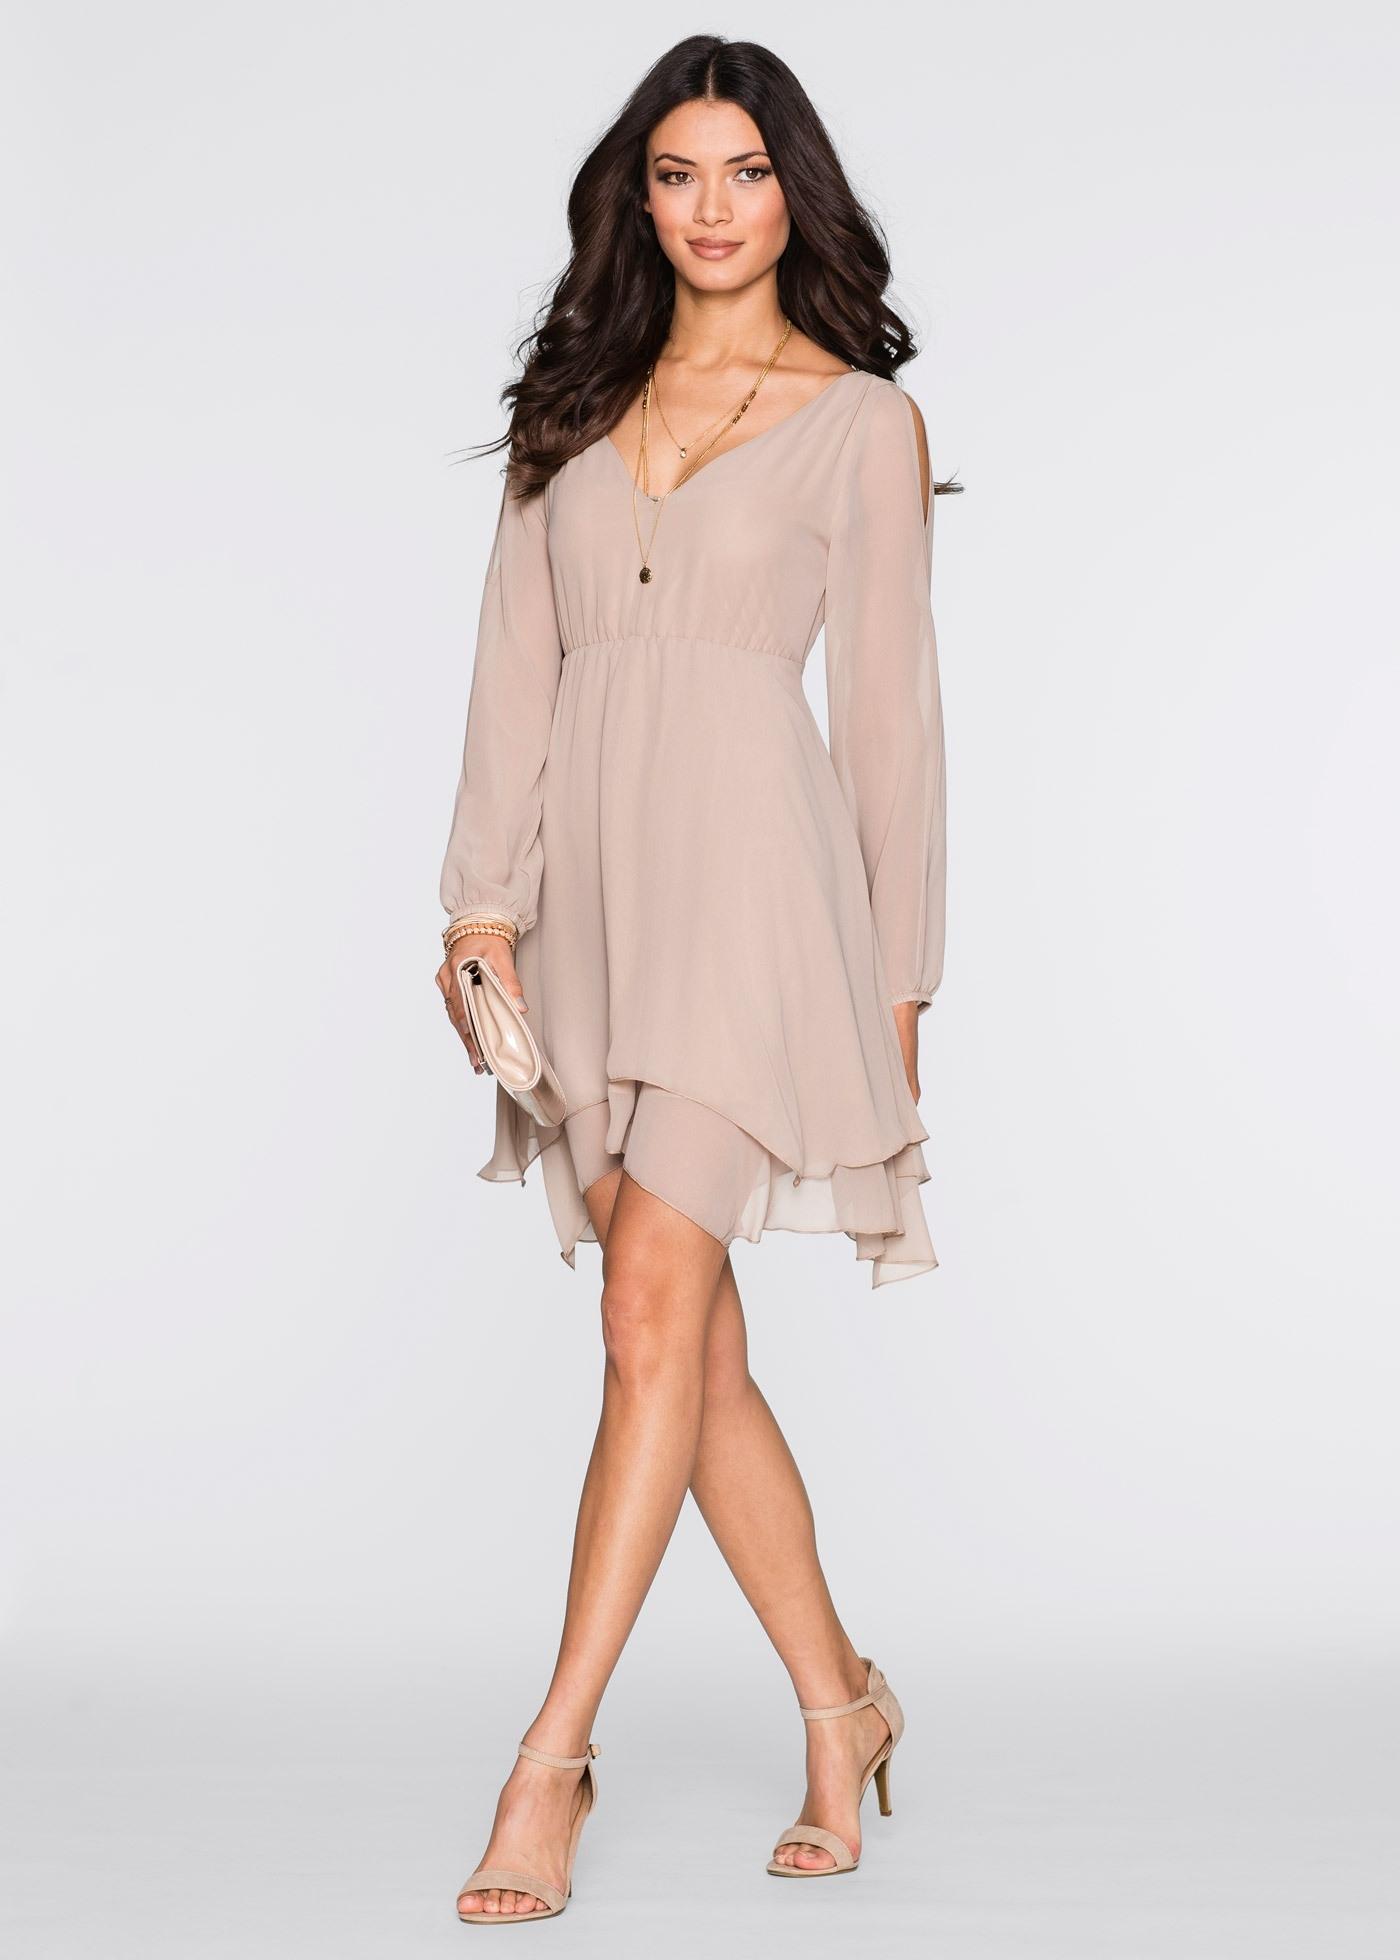 20 Top Kleid Mit Ärmeln Galerie13 Luxurius Kleid Mit Ärmeln Bester Preis